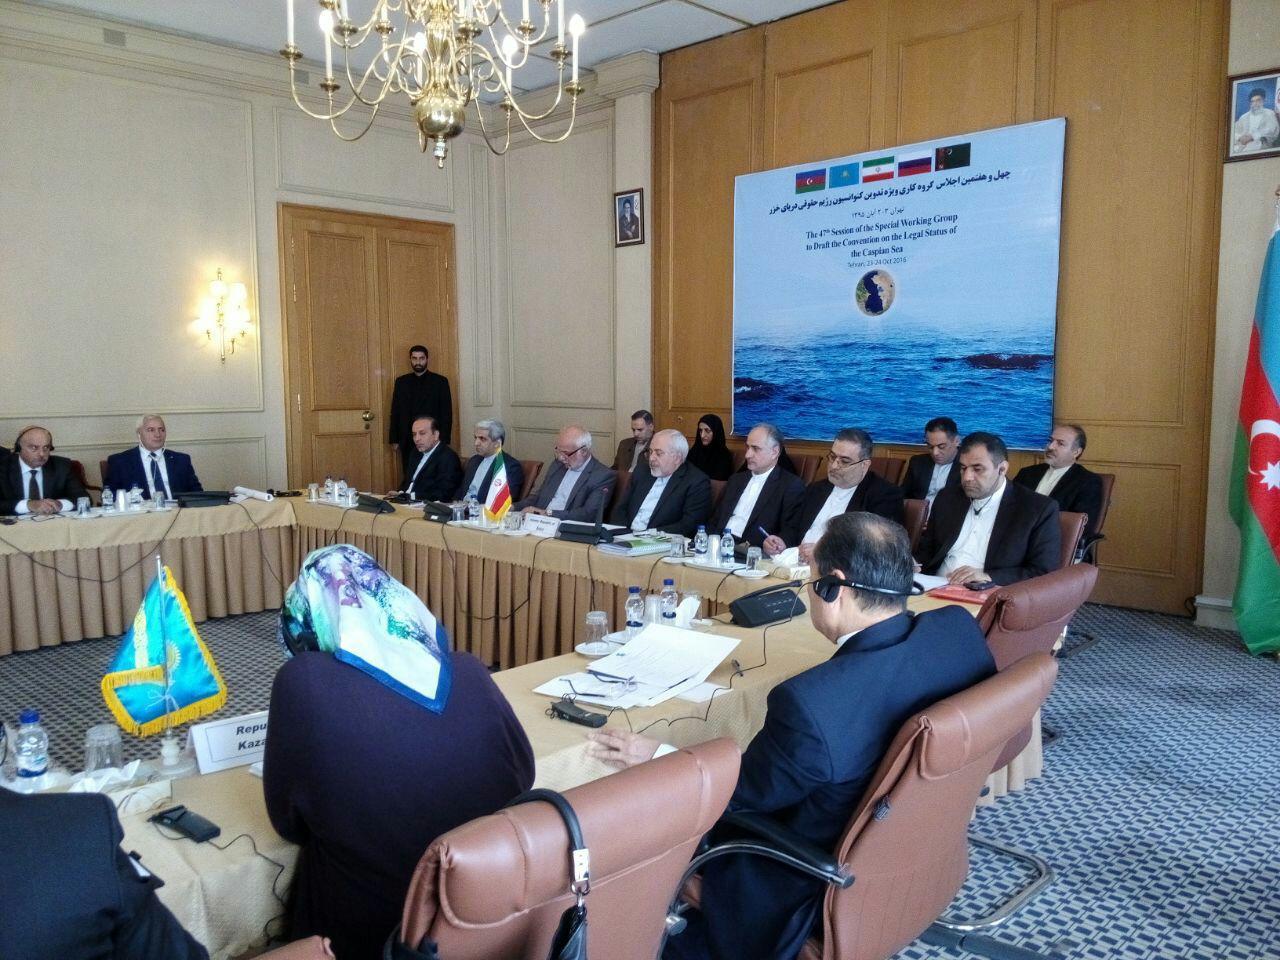 چهل و هفتمین اجلاس گروه کاری ویژه تدوین کنوانسیون رژیم حقوقی دریای خزر آغاز شد